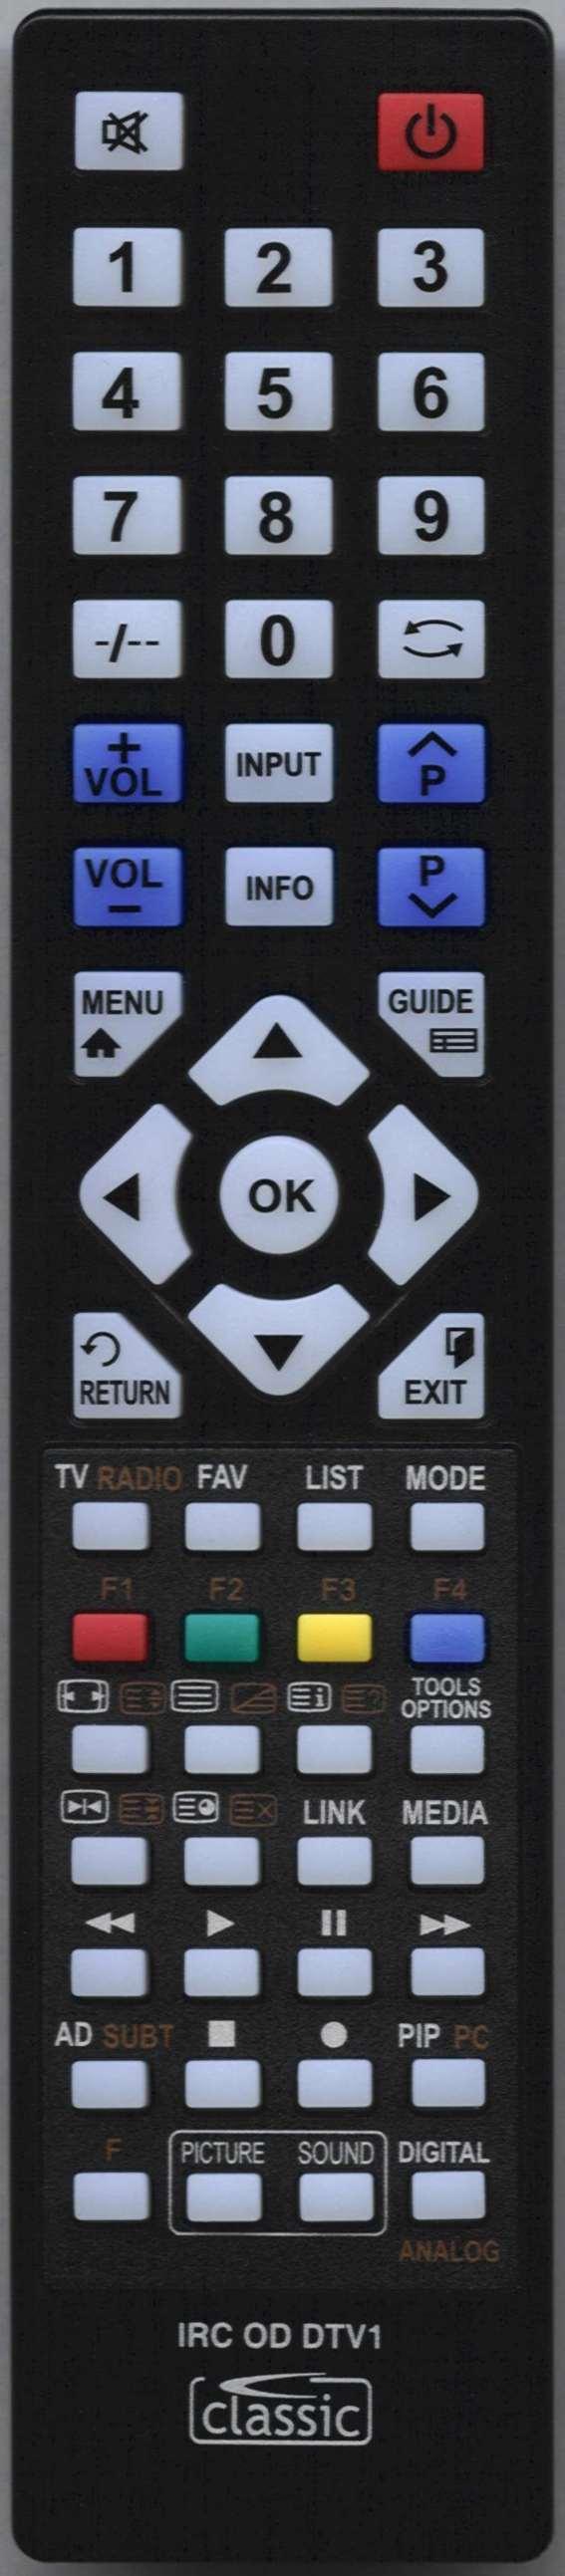 VIDEOCON V1922LE Remote Control